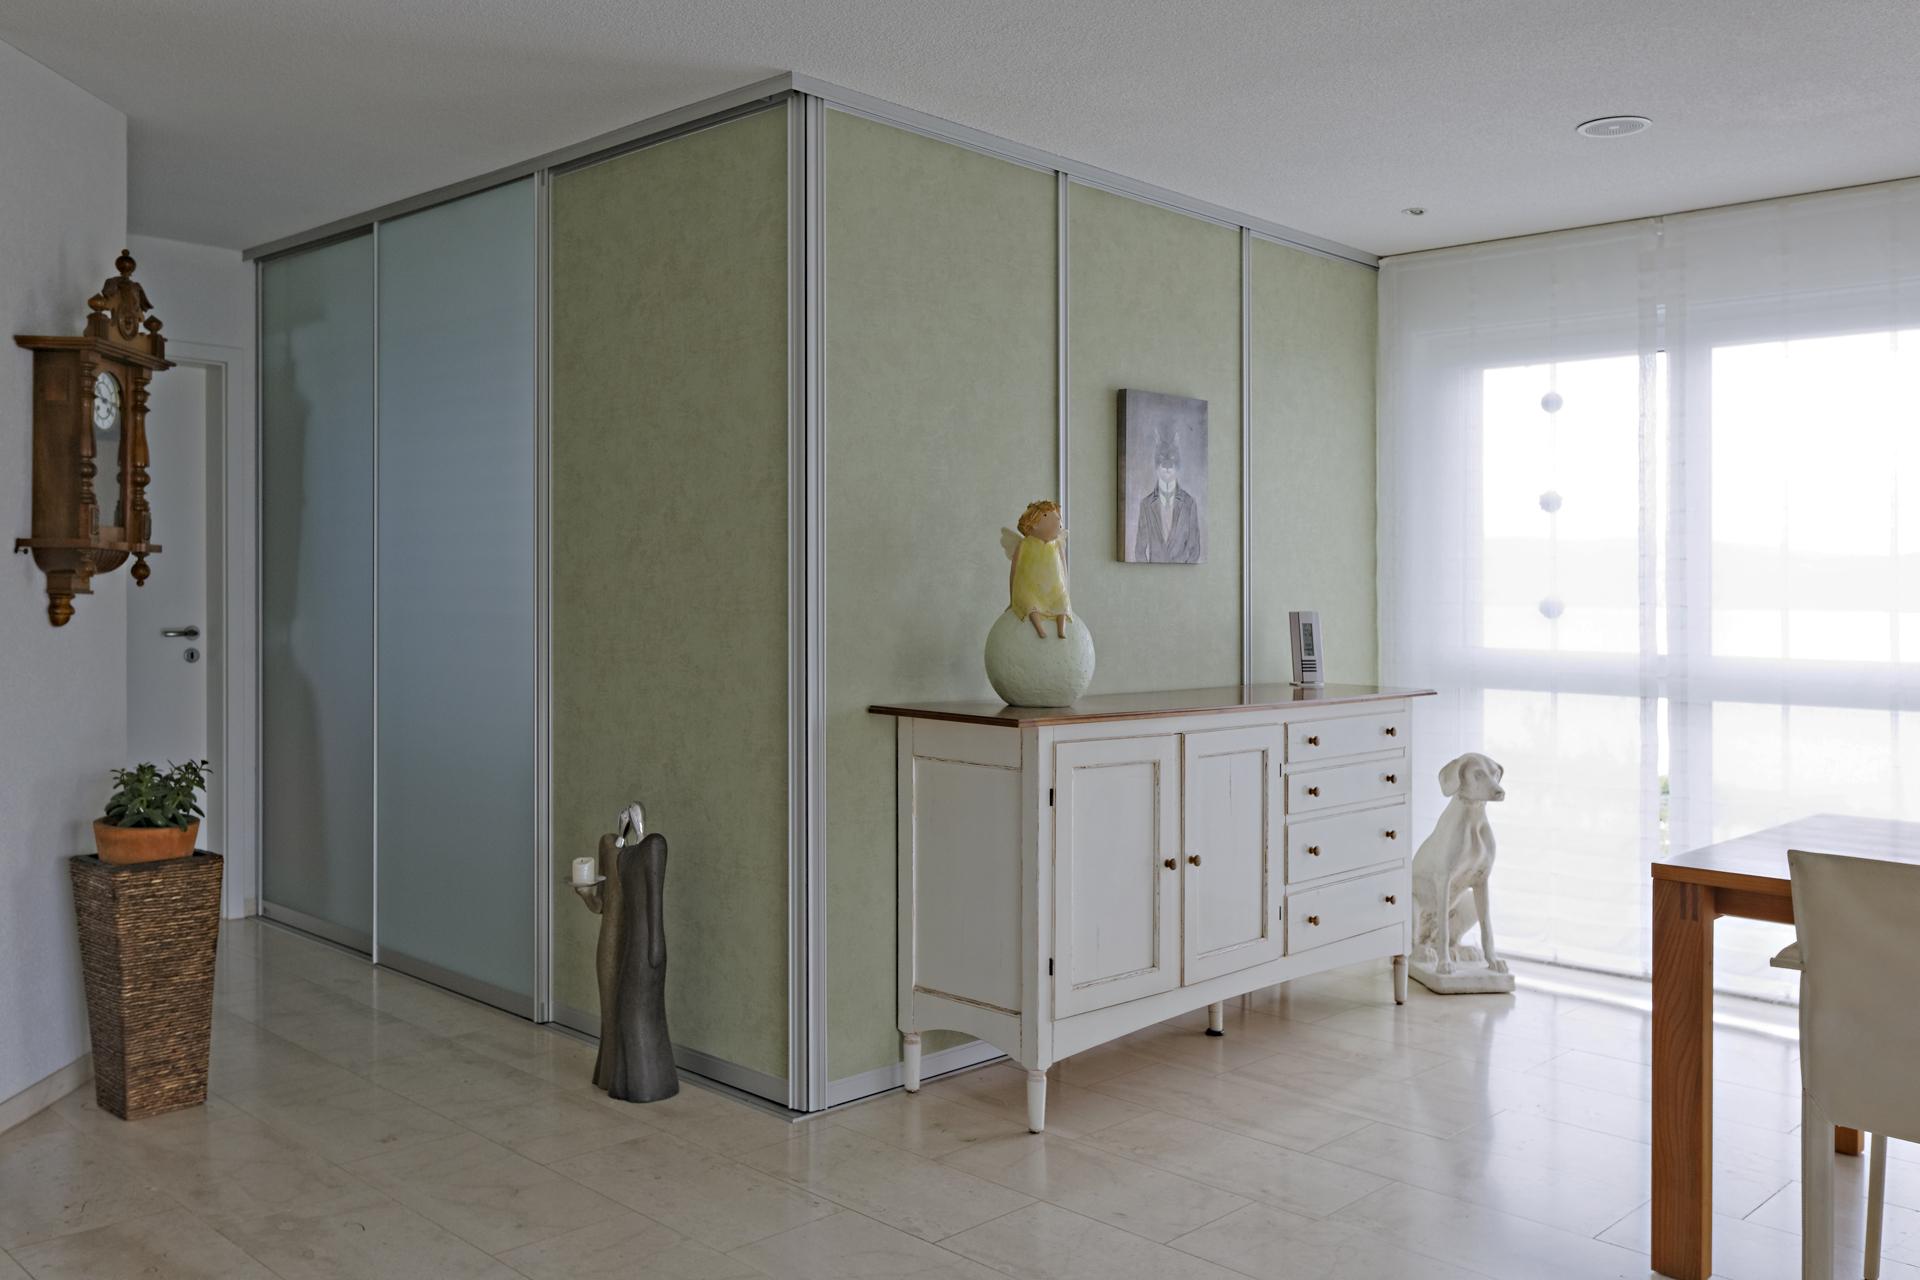 Kubus als begehbare Ankleide mit Tapete und Glas | AUF&ZU